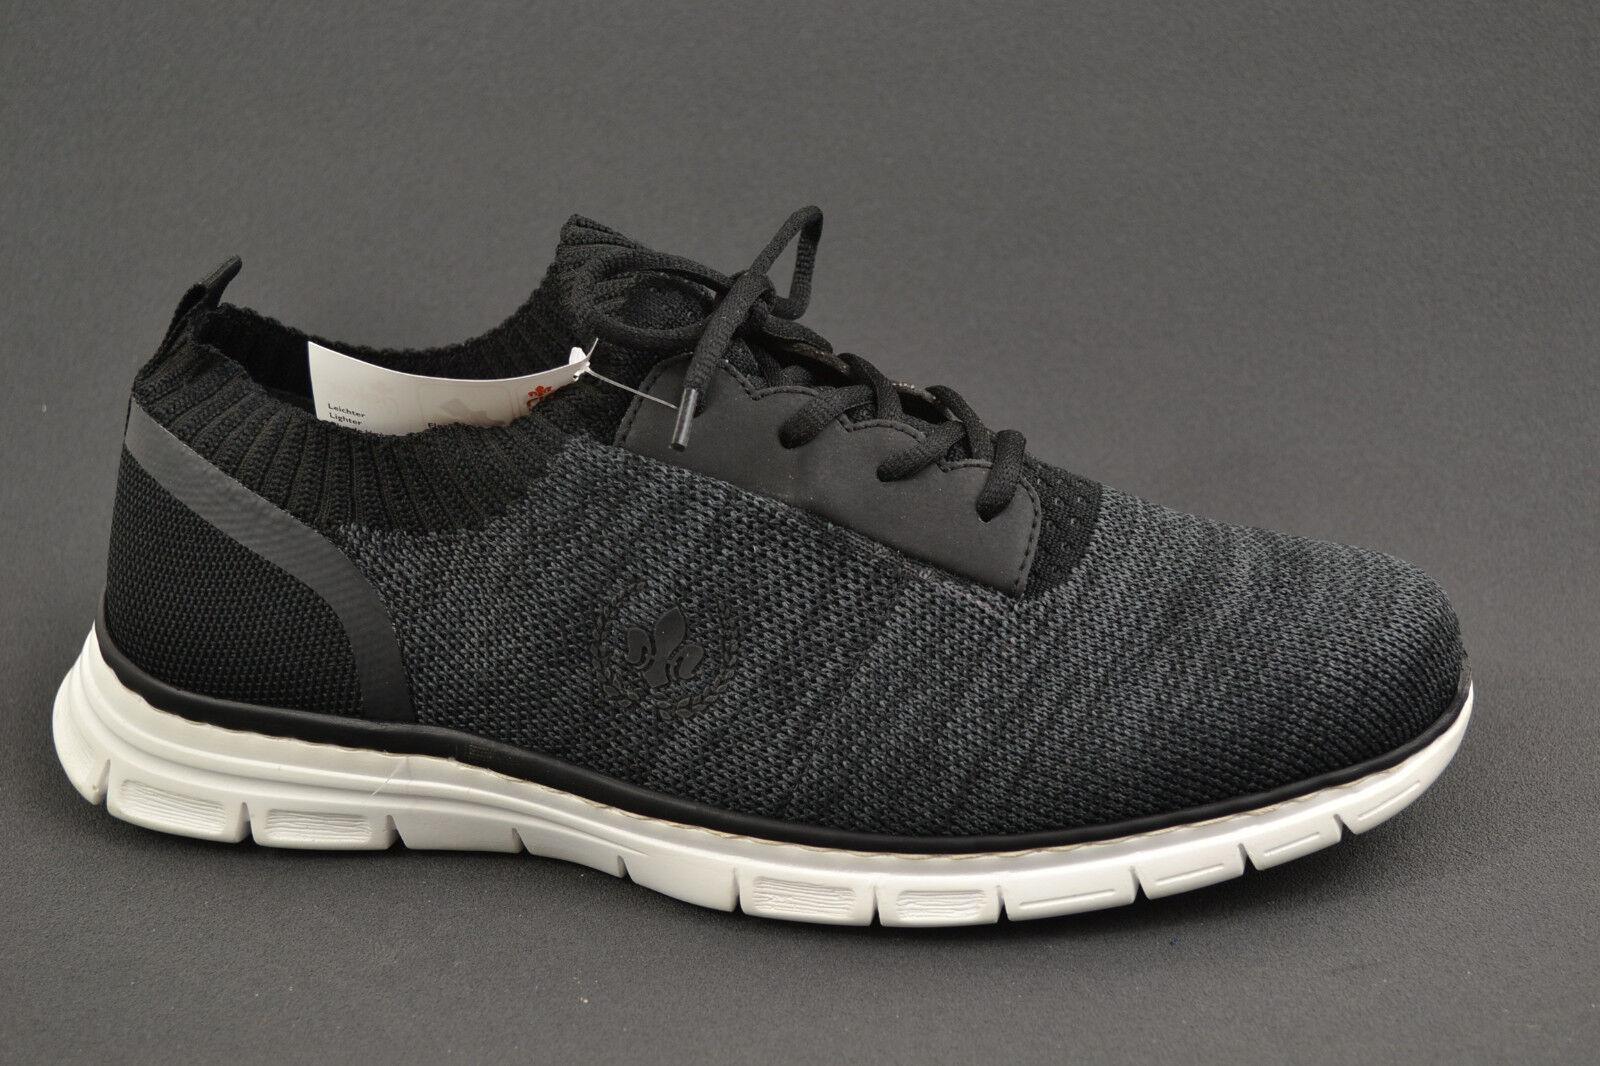 Rieker Herren Stoff Sommer Comfort Sneaker Schuhe B4890 -   NEU 41 - B4890 45 2a269b